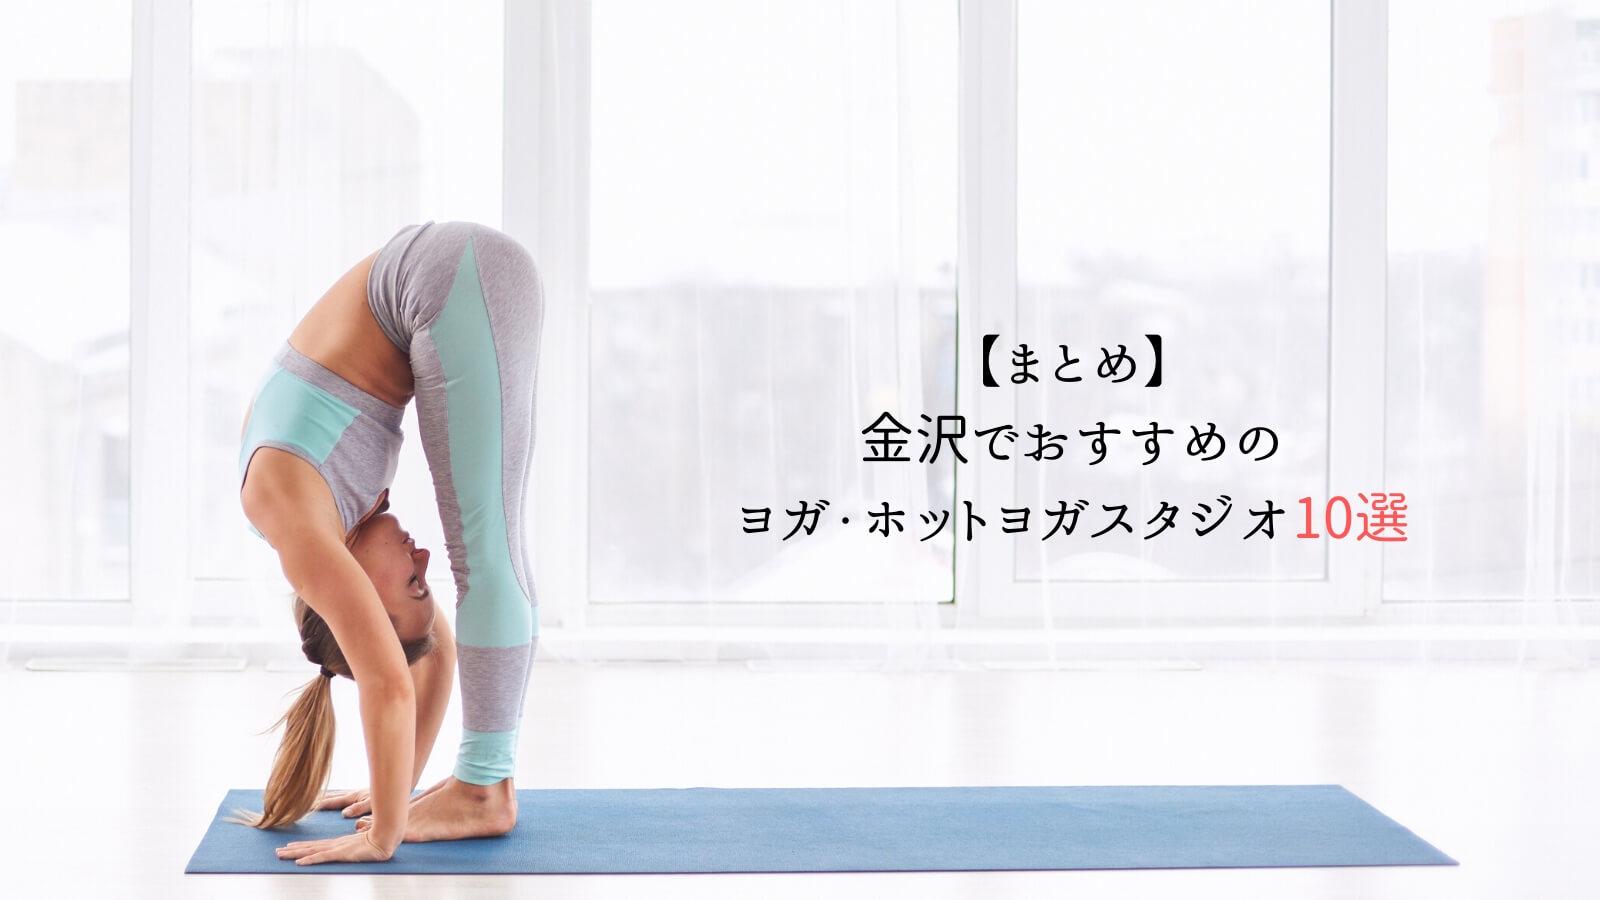 【まとめ】金沢でおすすめのヨガ・ホットヨガスタジオ10選